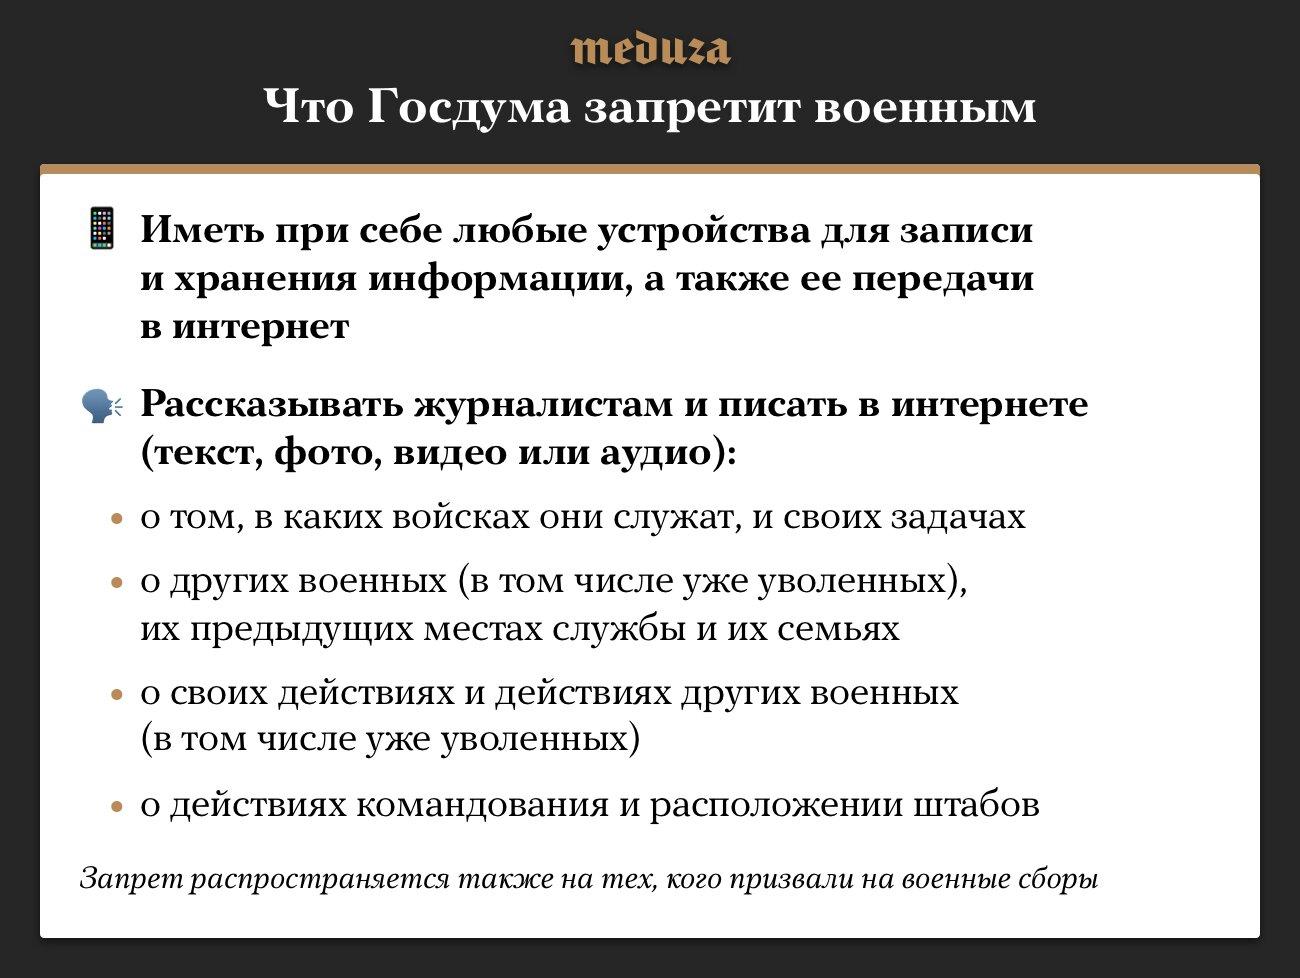 Росія продовжує озброювати та готувати маріонеткові сили на сході України, - США в Радбезі ООН - Цензор.НЕТ 6934